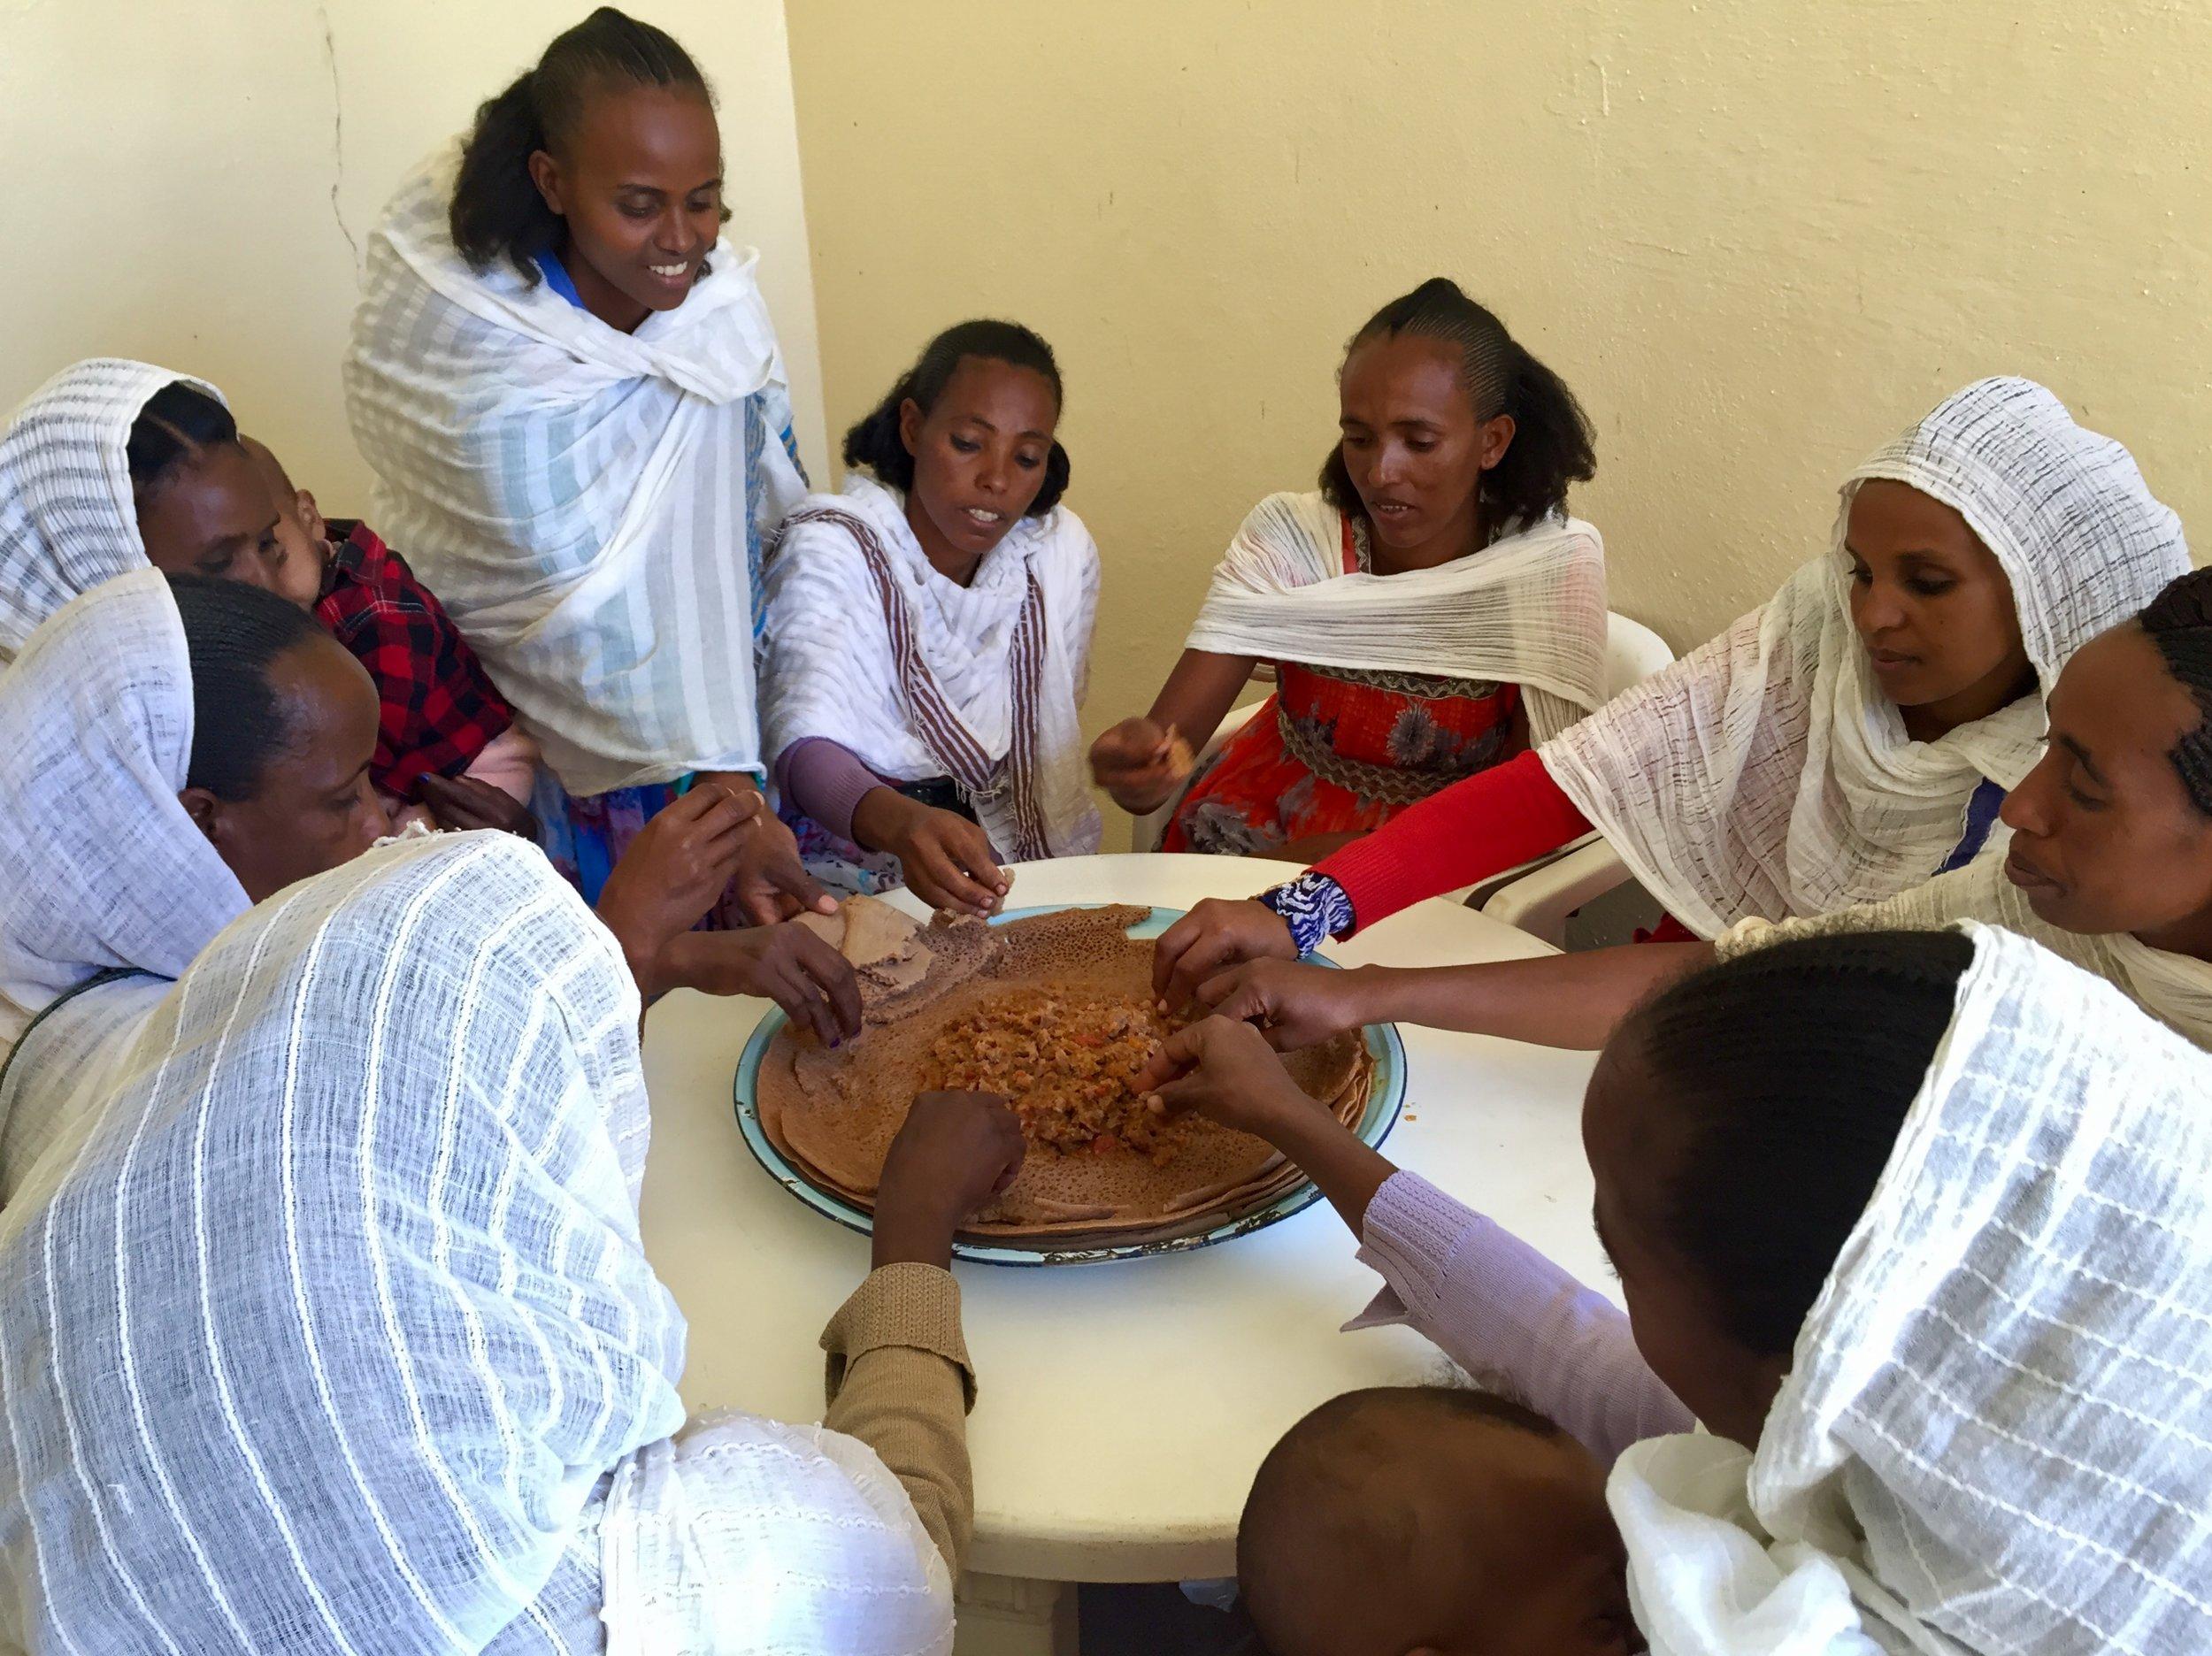 Rahwa team members eating injera.